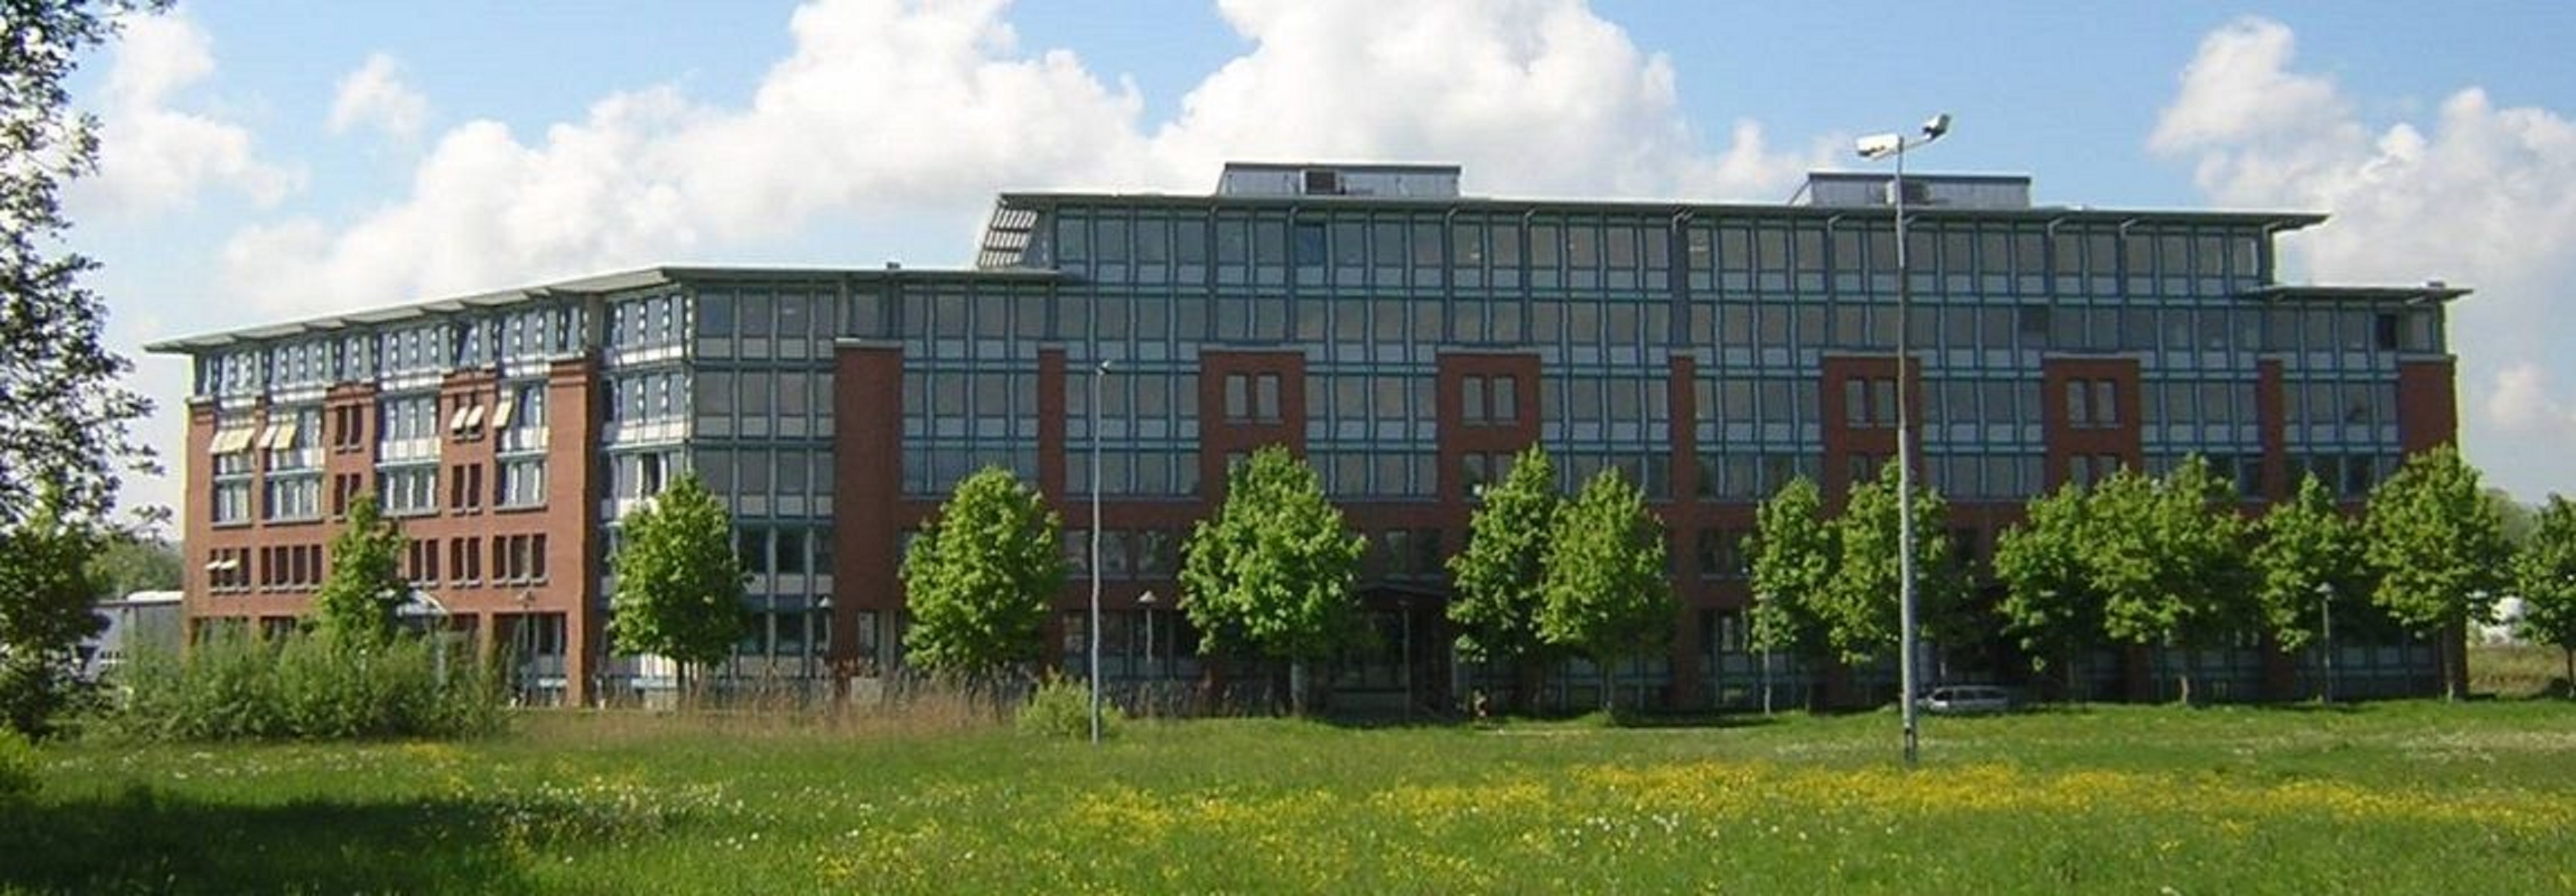 Allensbach_Hochschule_Gebaeude